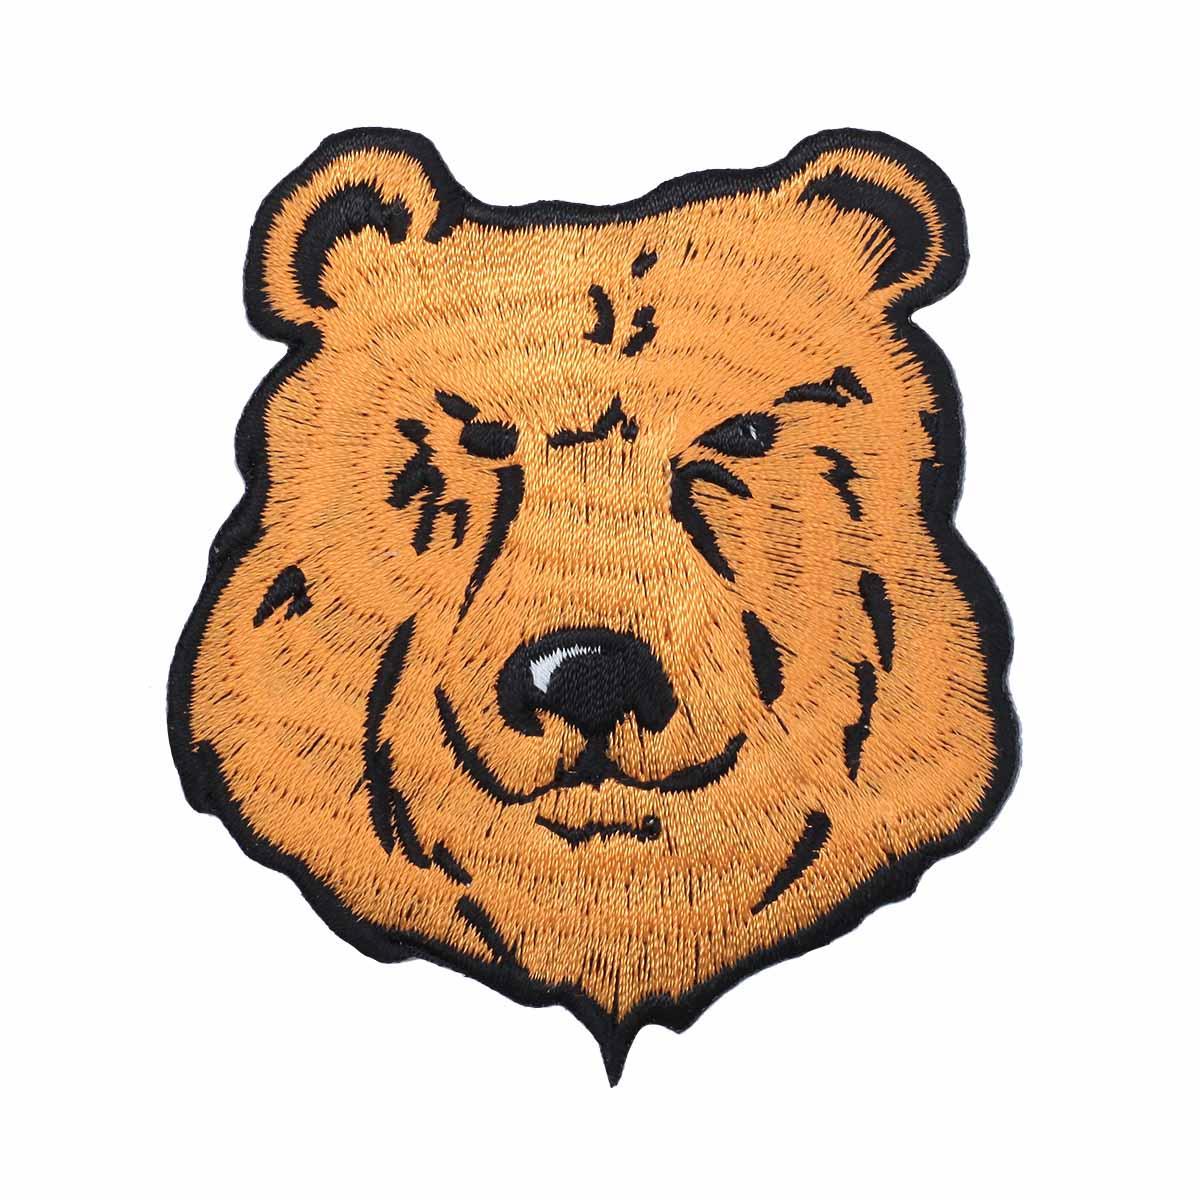 Термоаппликация 'Русский медведь' 7,7*6,7см Hobby&Pro